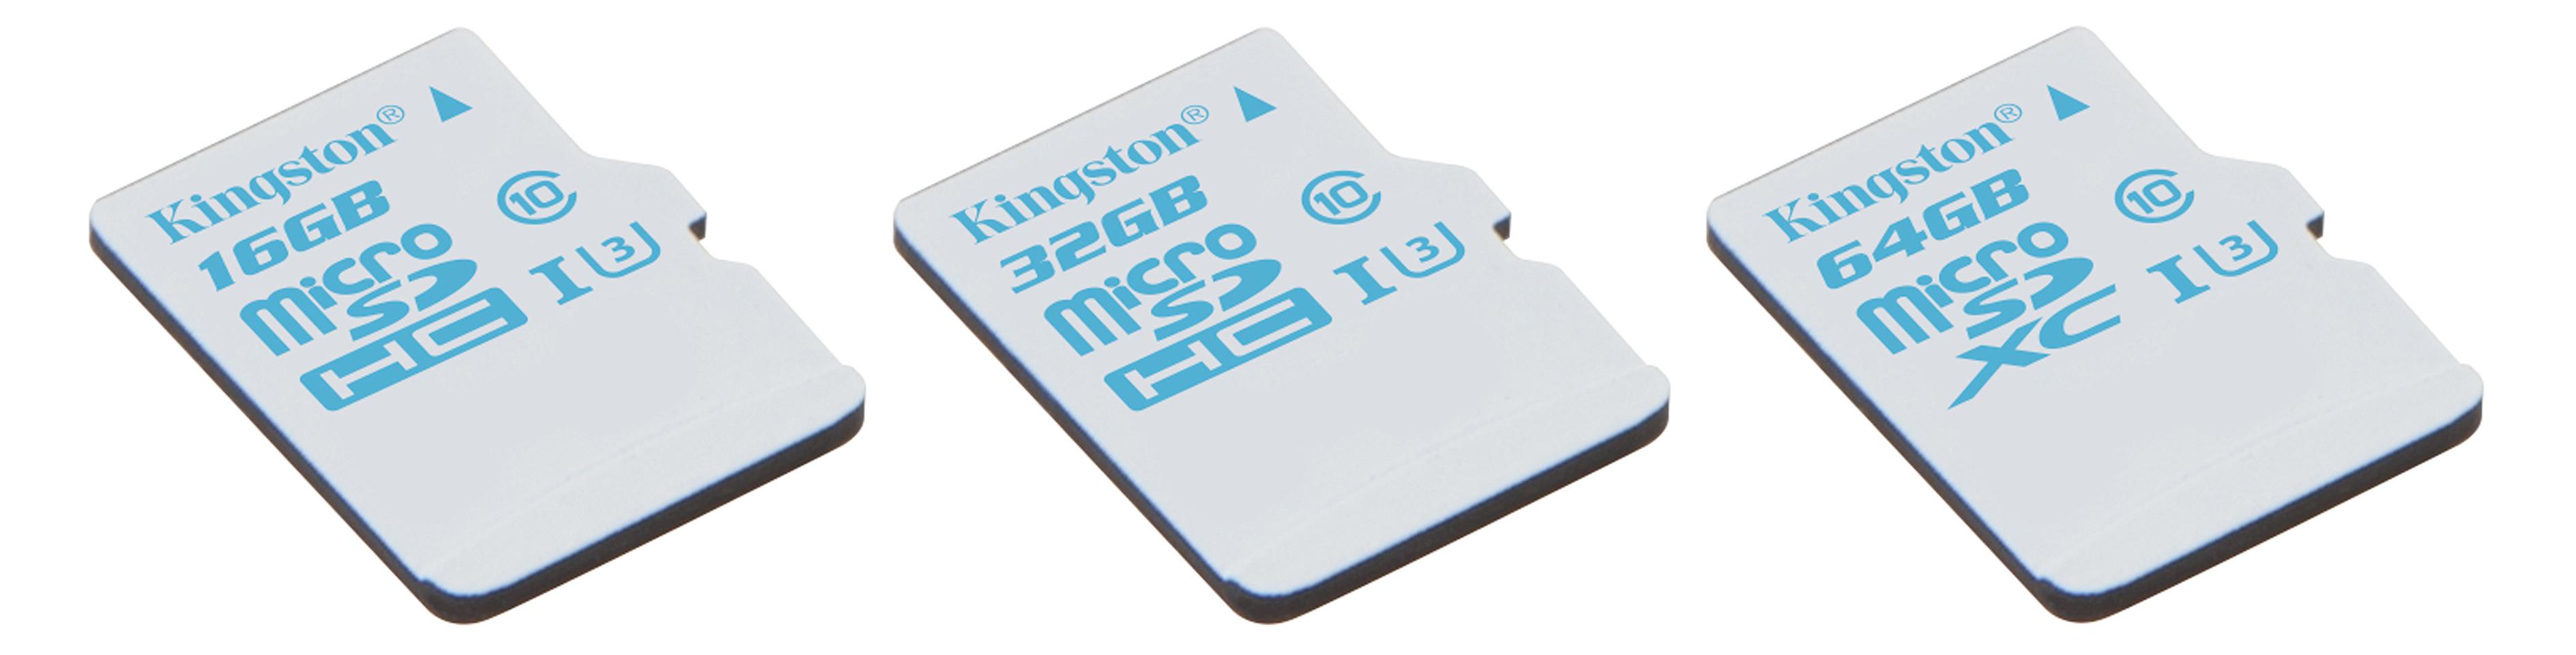 Kingston UHS-I U3